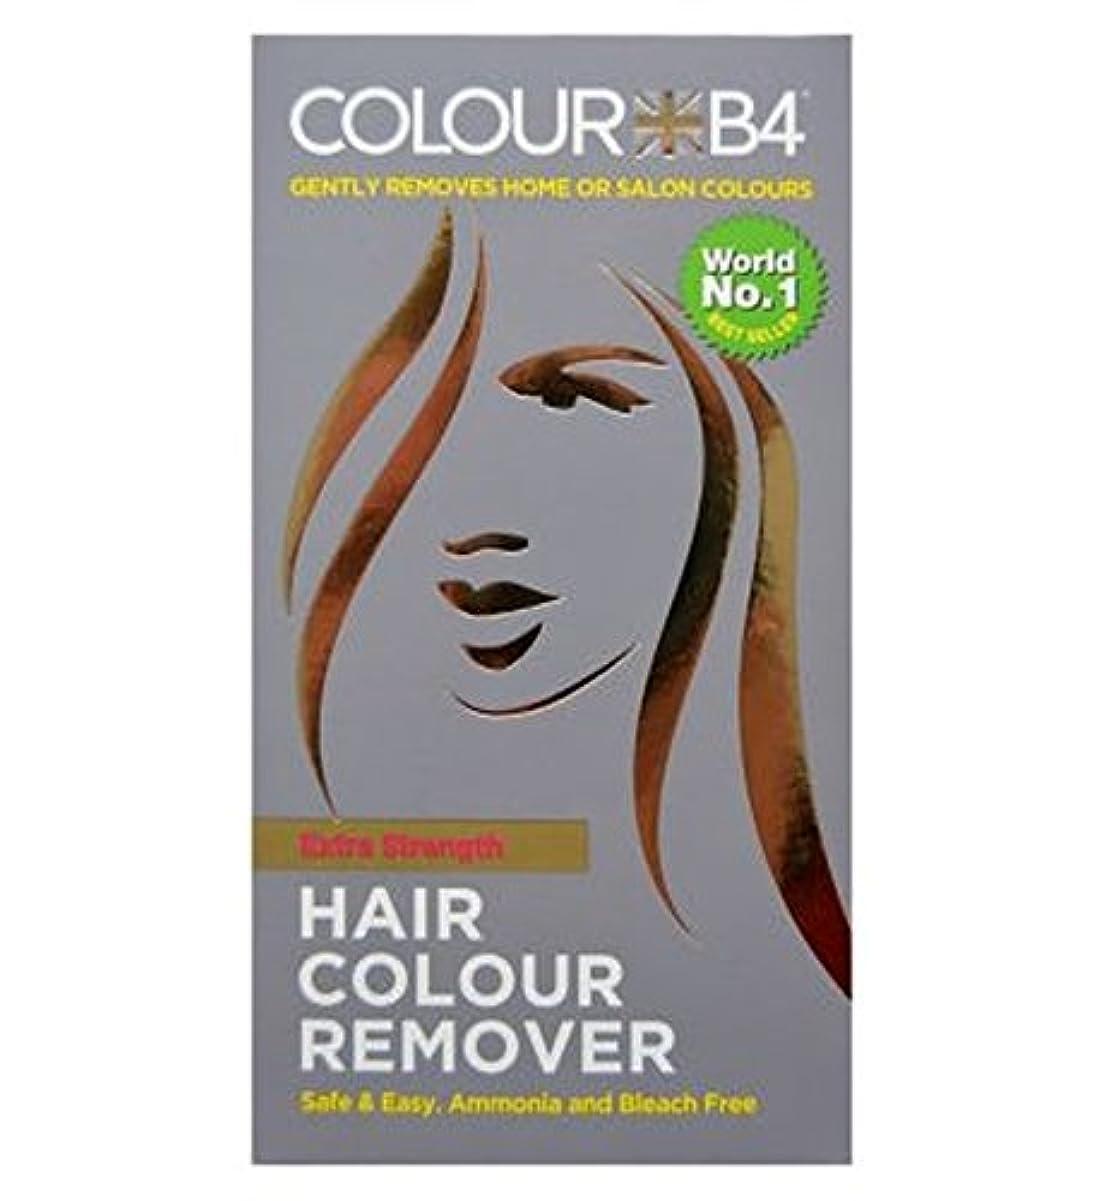 恥レクリエーション受け入れColour B4. Hair colour remover extra strength - カラーB4。ヘアカラーリムーバー余分な強さ (ColourB4) [並行輸入品]